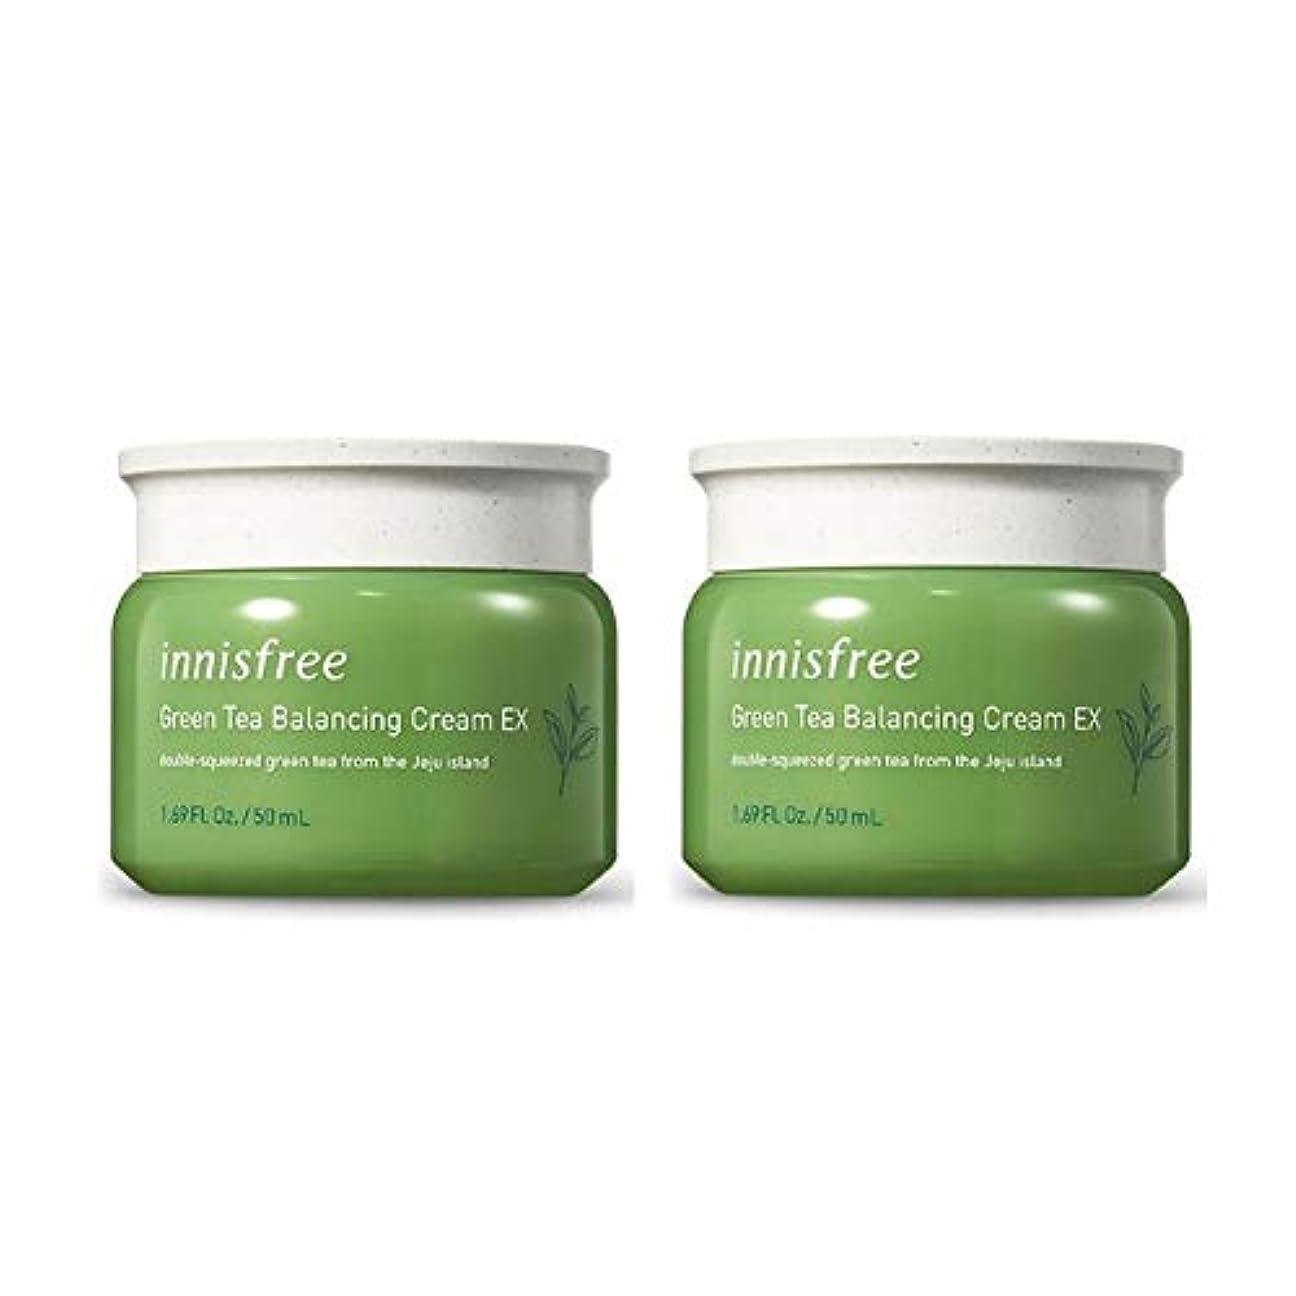 最適大佐ファンシーイニスフリーグリーンティーバランシングクリームEX 50mlx2本セット韓国コスメ、innisfree Green Tea Balancing Cream EX 50ml x 2ea Set Korean Cosmetics [並行輸入品]